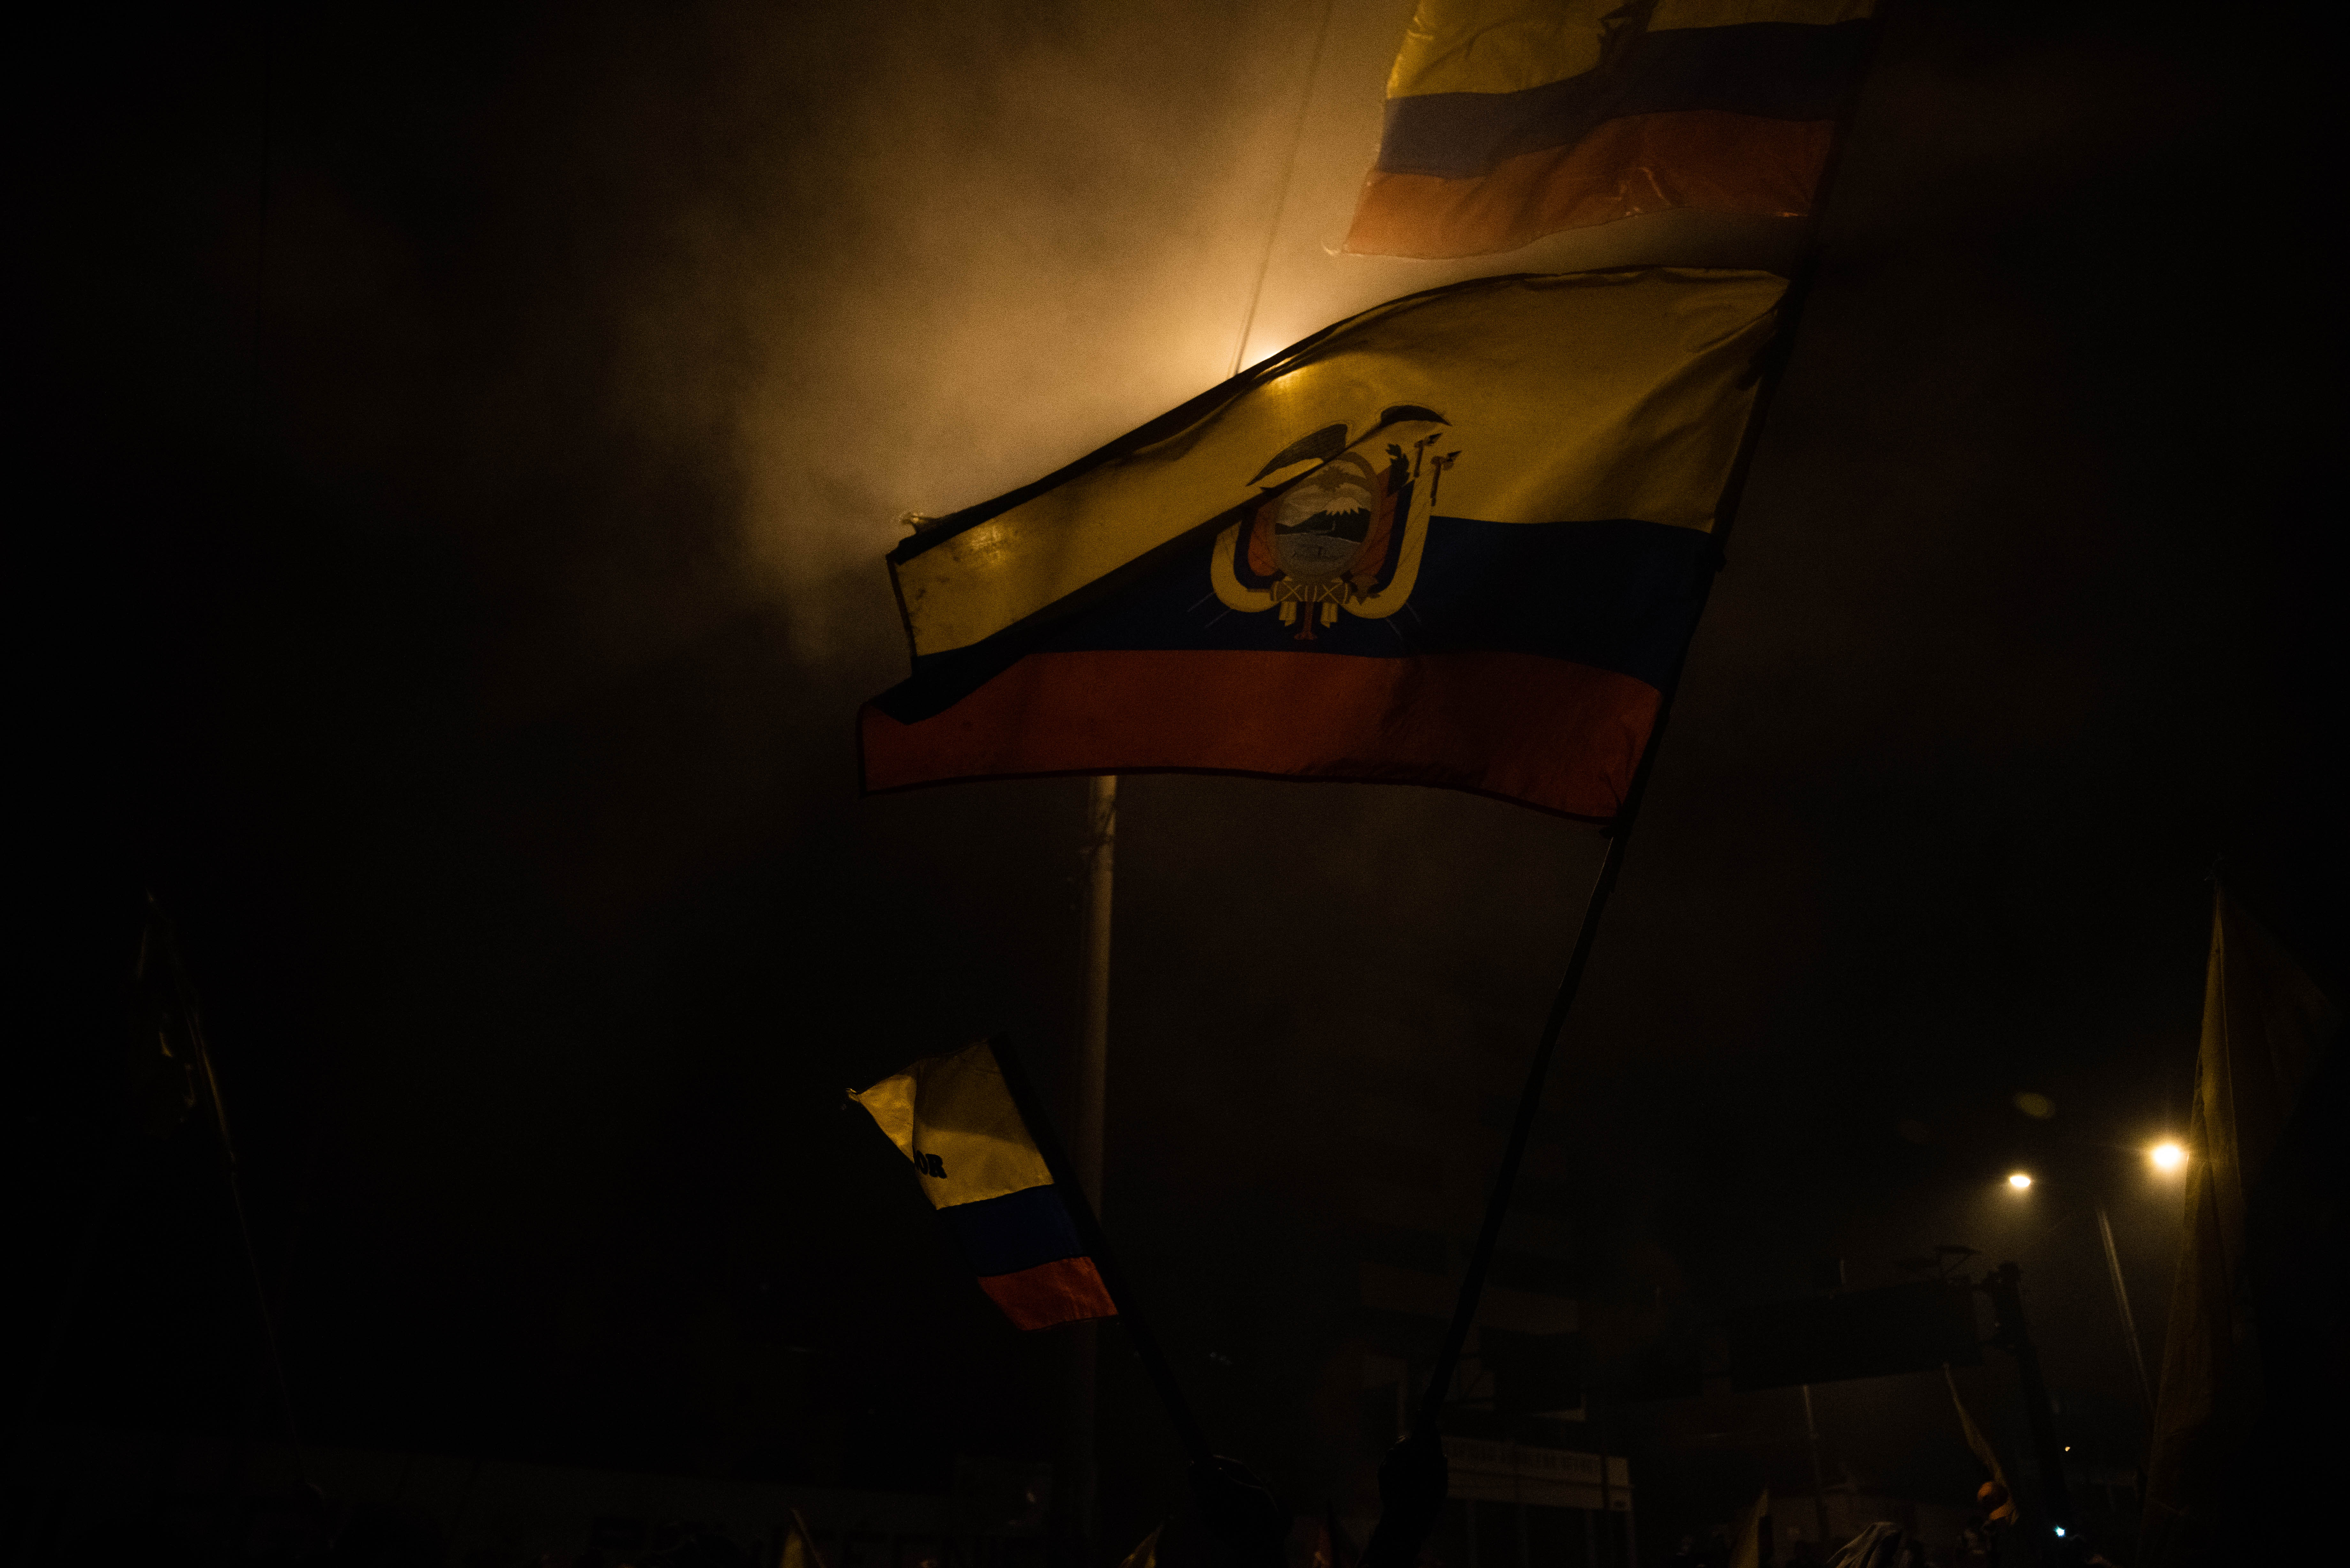 Hubo cientos de banderas presentes durante los festejos por la derogación del decreto anunciada anoche por el presidente Lenín Moreno.